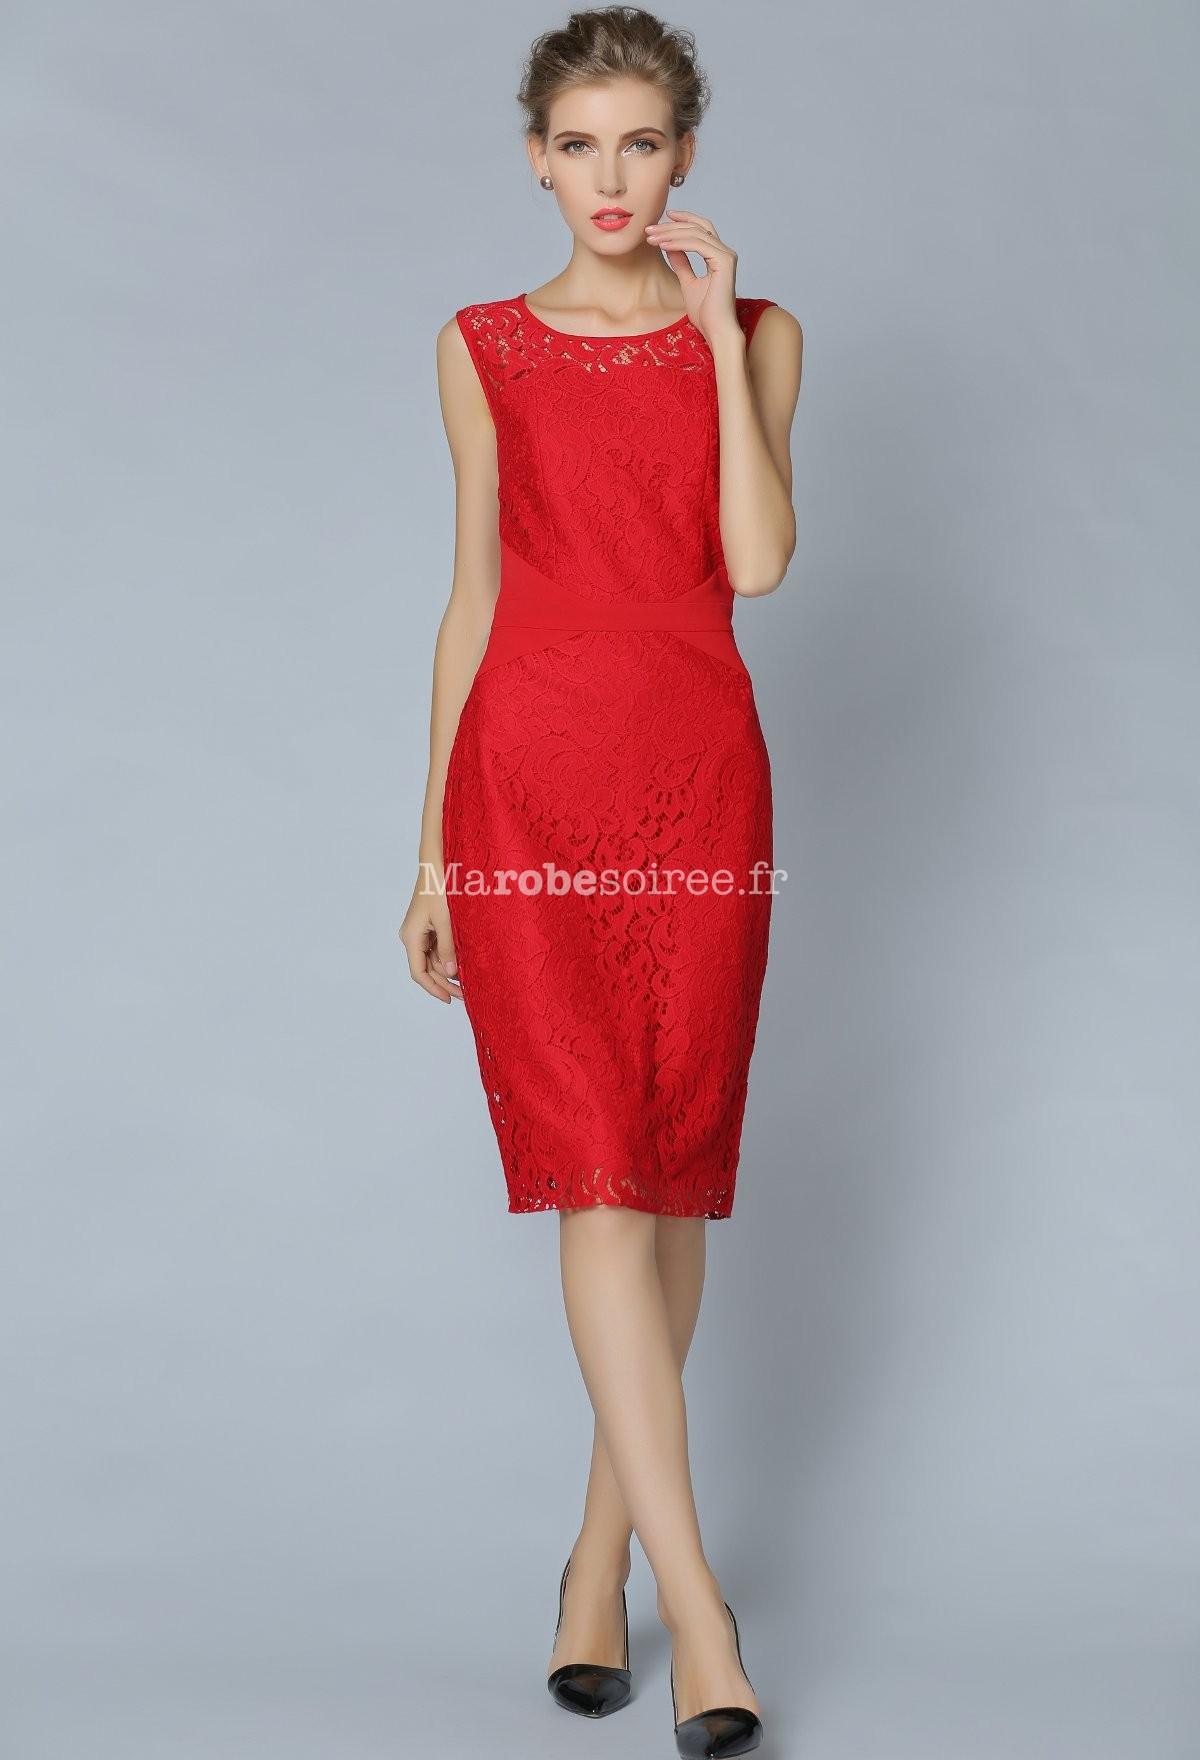 robe demoiselle d 39 honneur rouge bordeaux. Black Bedroom Furniture Sets. Home Design Ideas